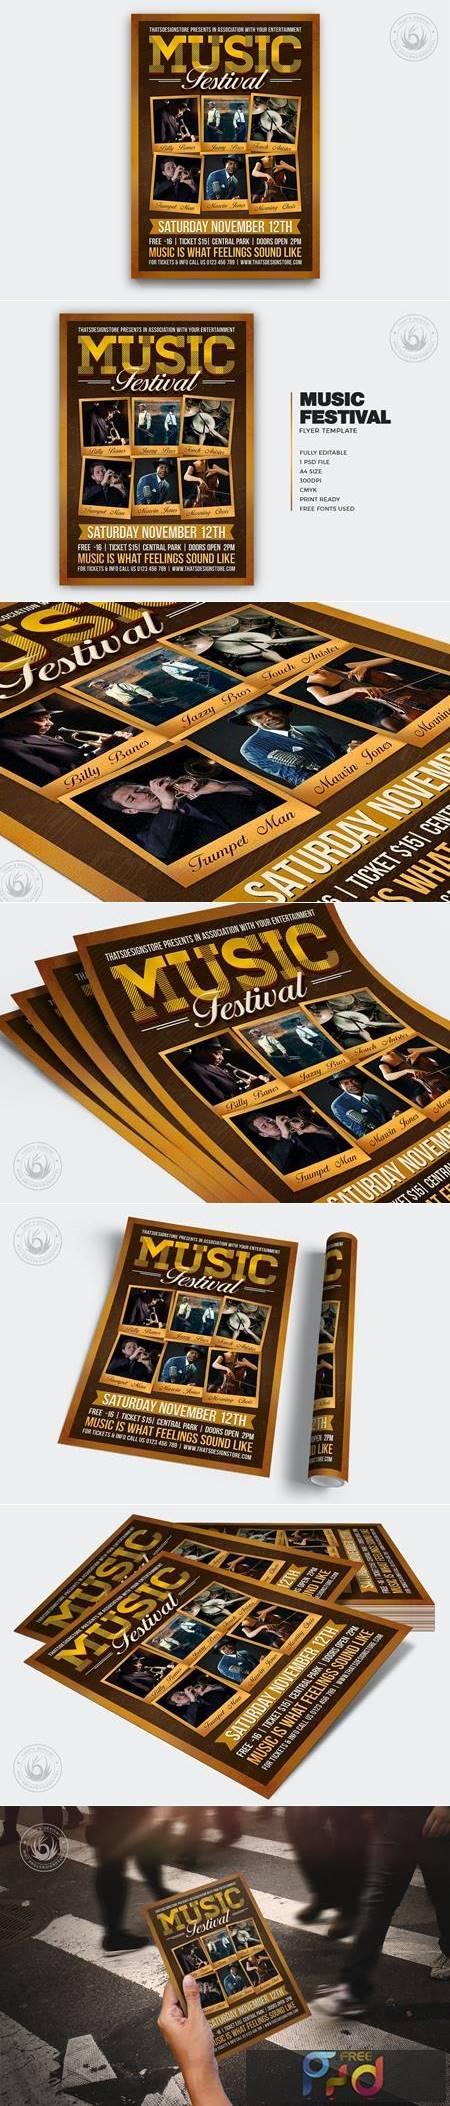 Music Festival Flyer Template V7 UBGMXGE 1